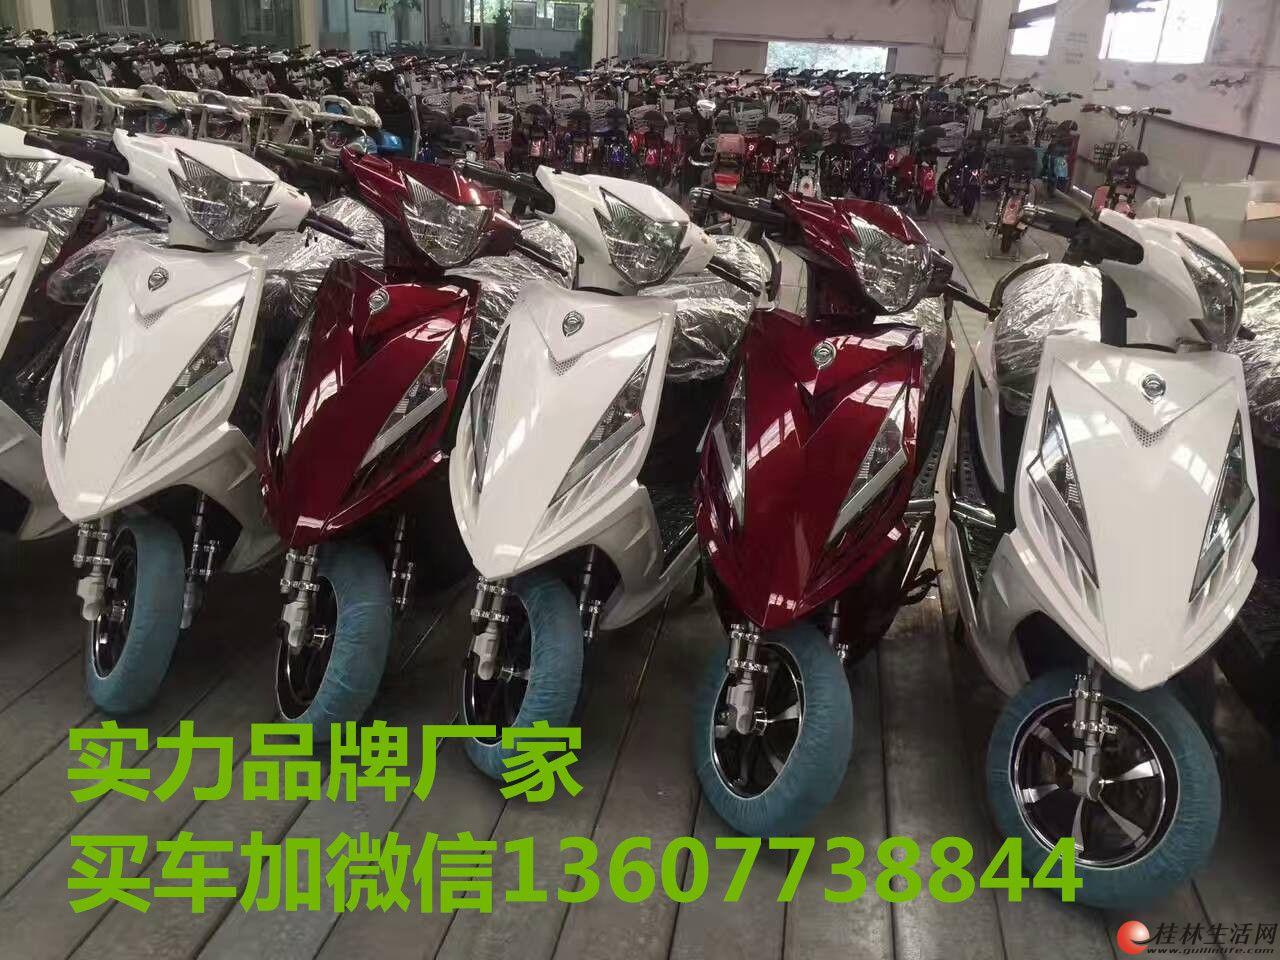 厂家直批价大量二手车498元起 新车0首付分期无压力